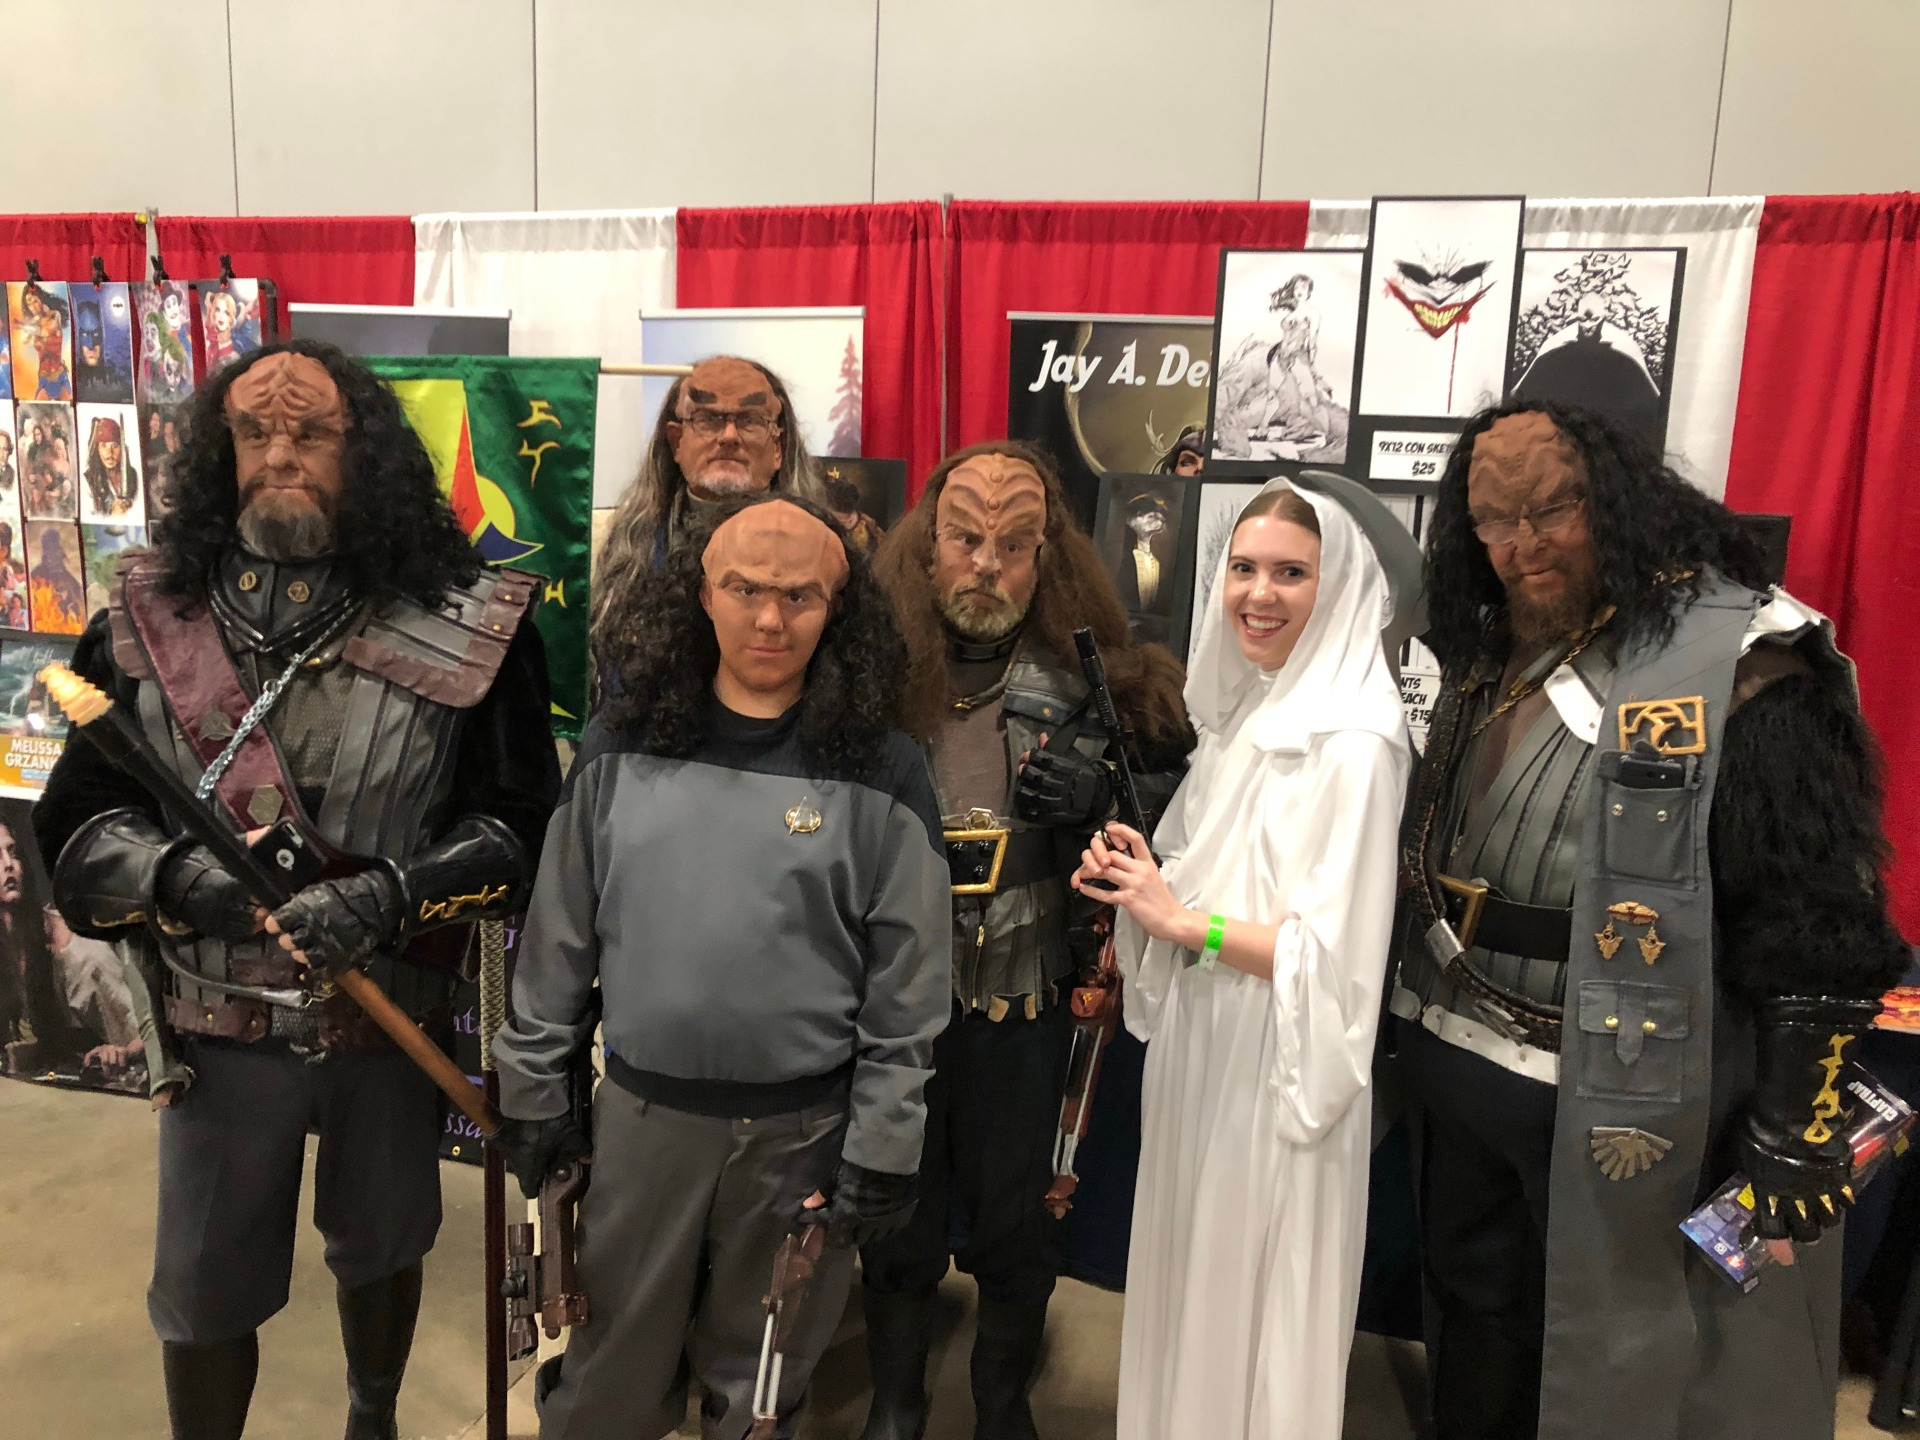 klingon-cosplay.jpeg